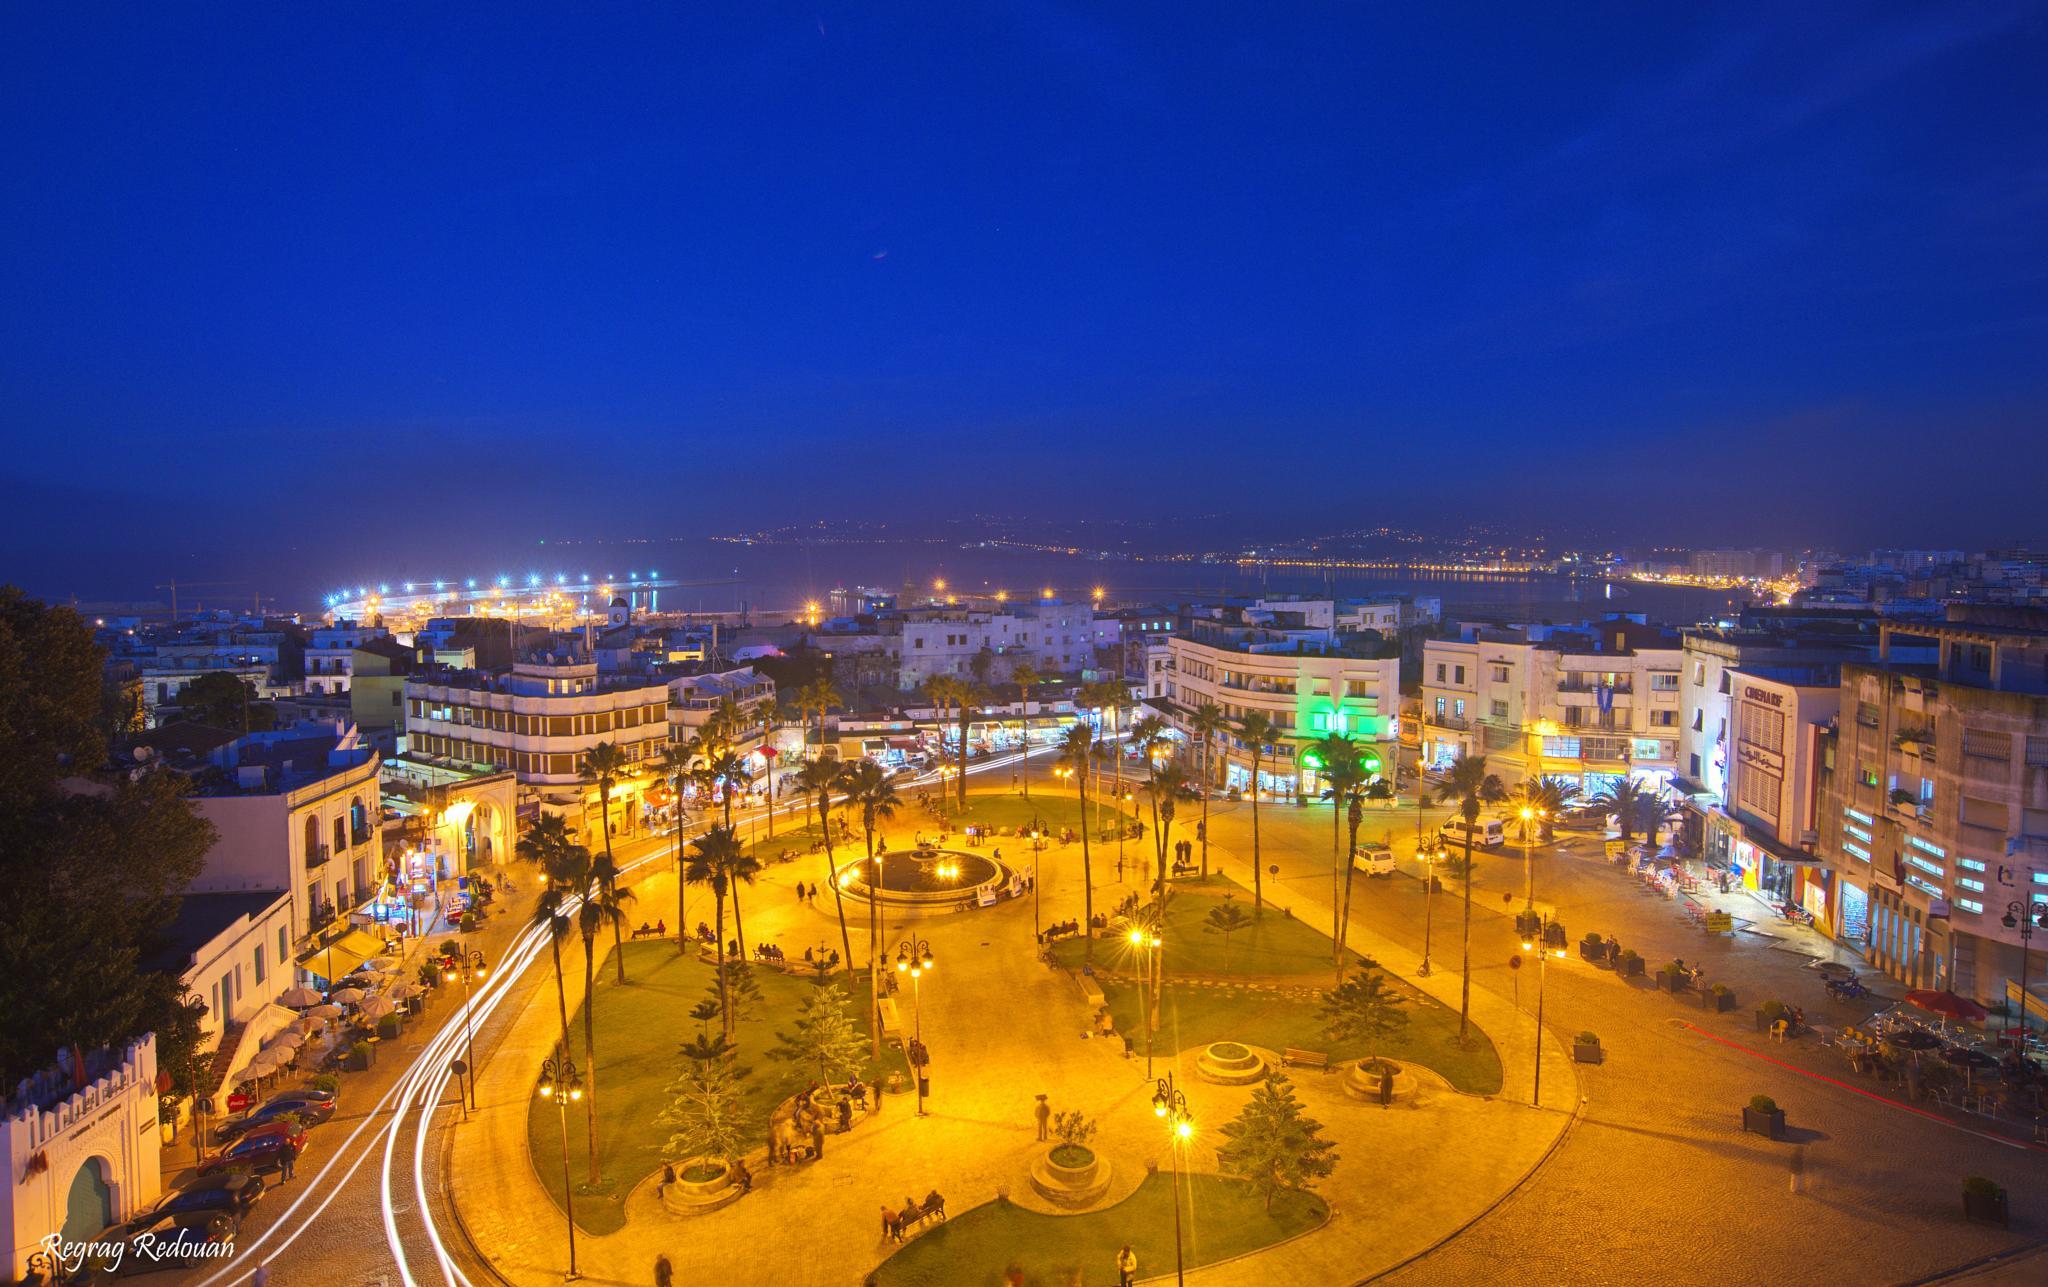 Tanger by Redouan Regrag